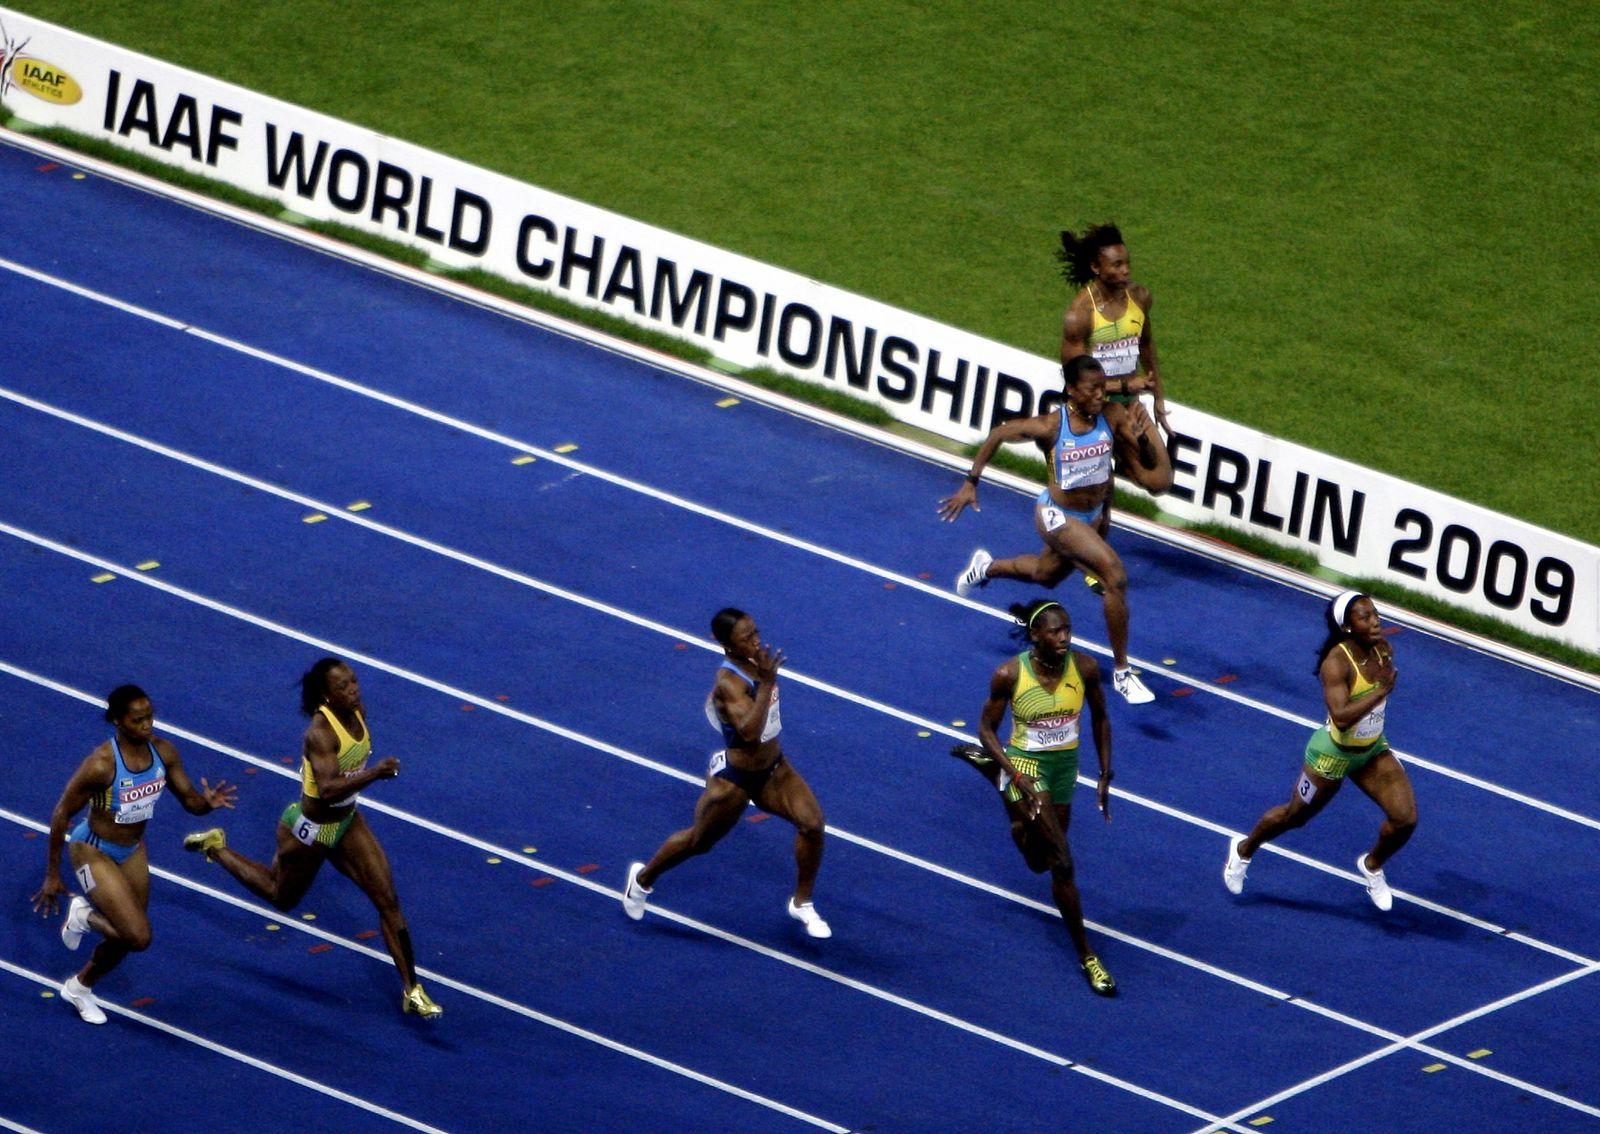 Leichtathletik-WM / 100 Meter Finale